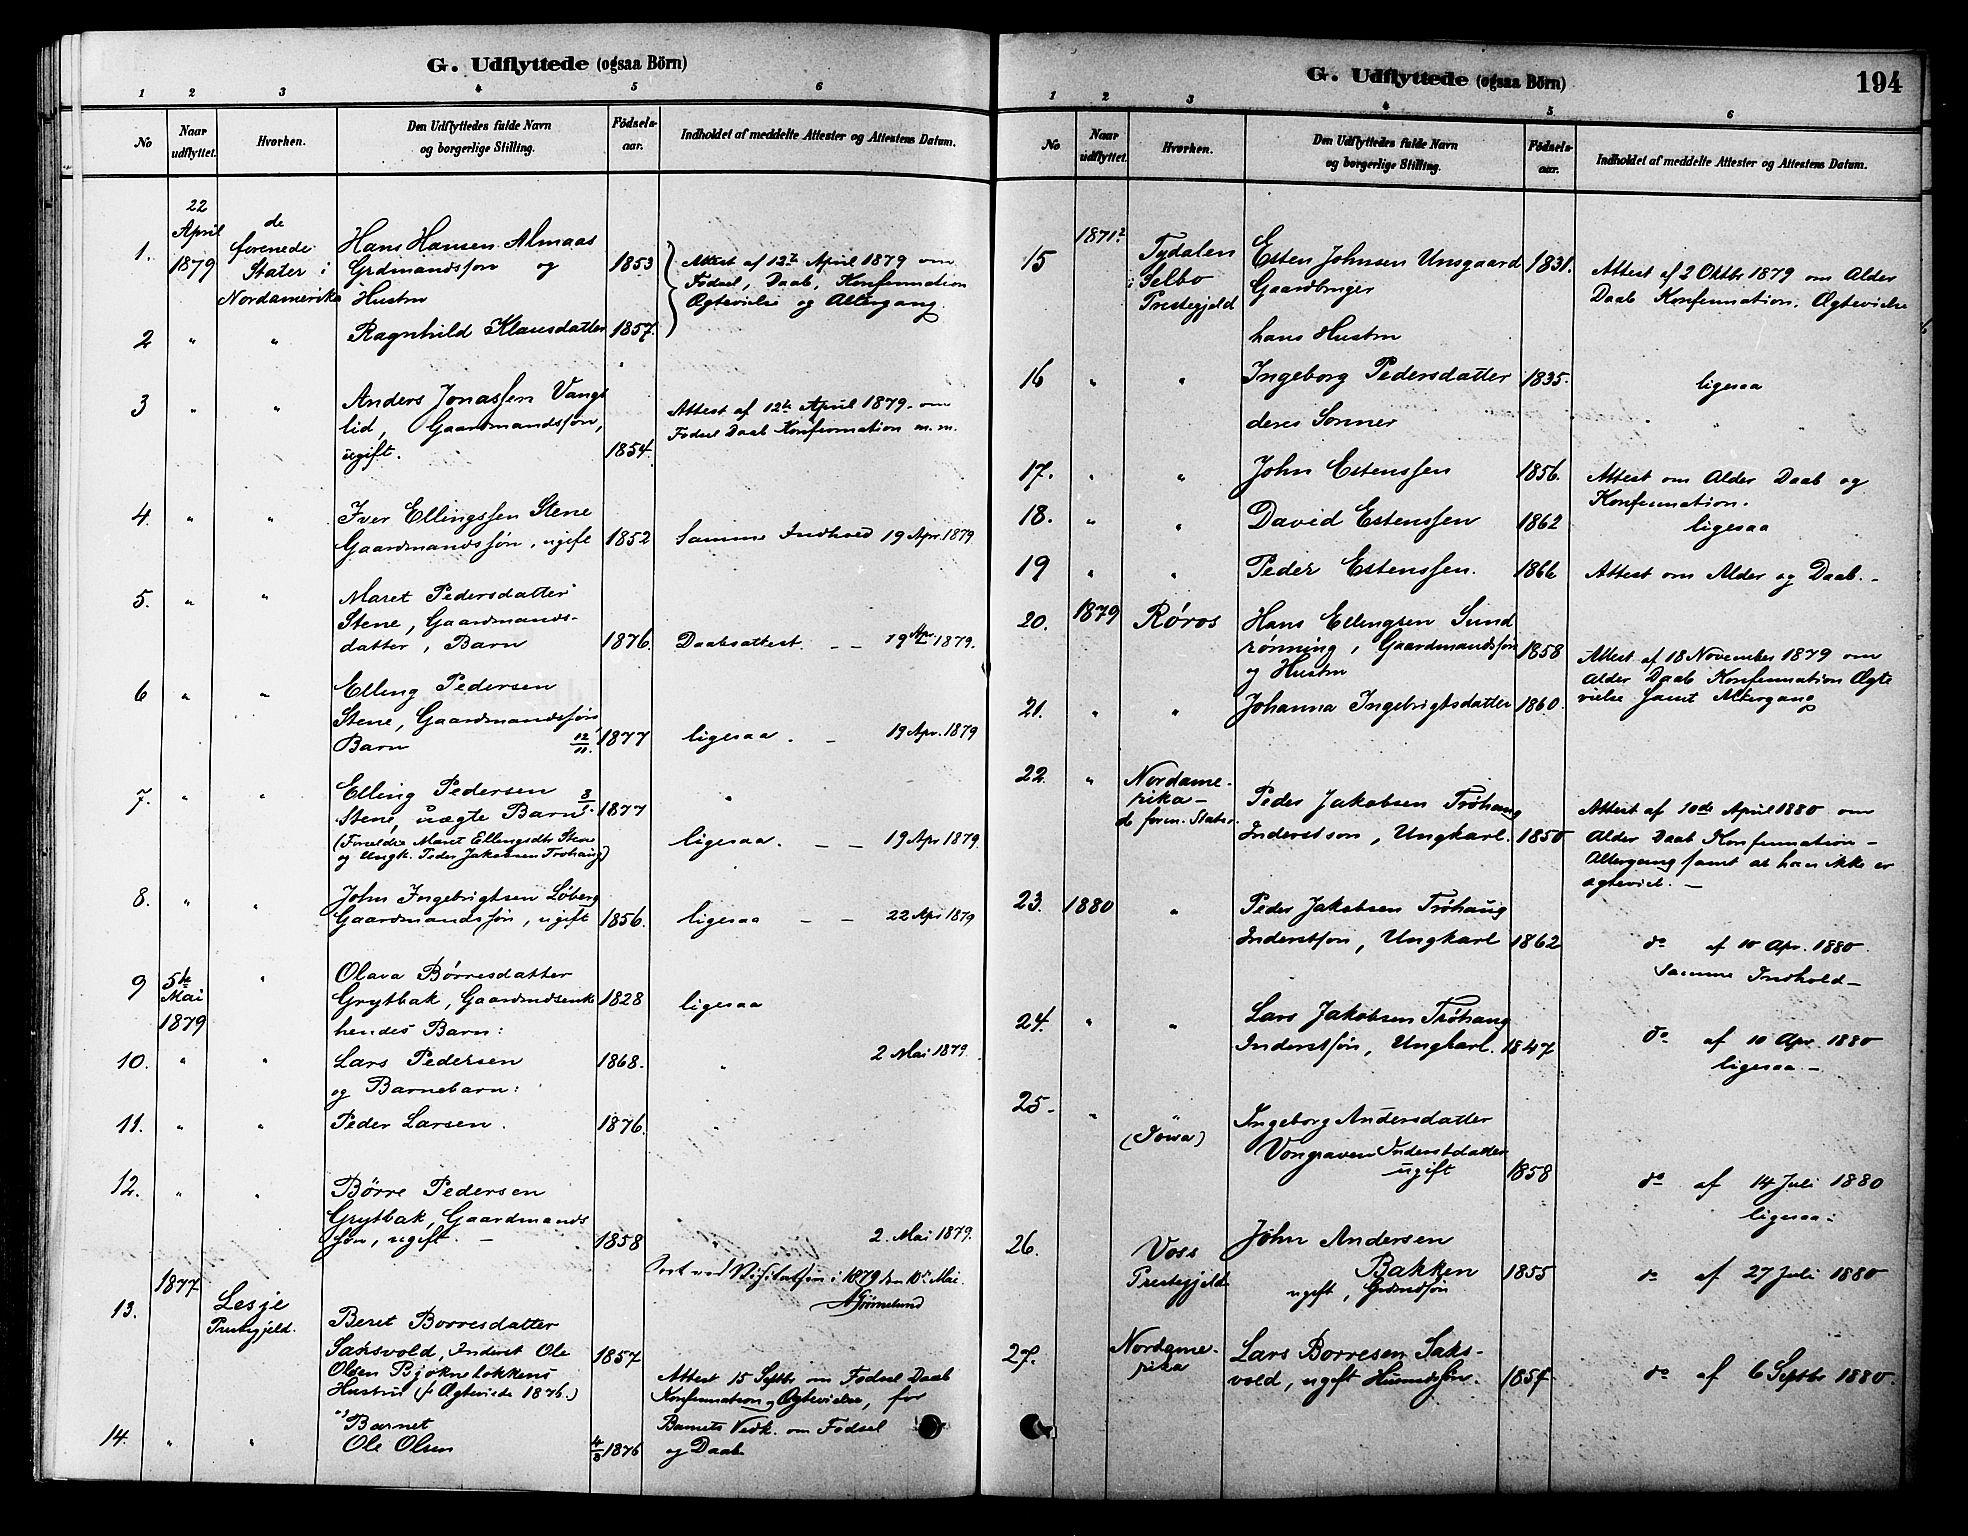 SAT, Ministerialprotokoller, klokkerbøker og fødselsregistre - Sør-Trøndelag, 686/L0983: Ministerialbok nr. 686A01, 1879-1890, s. 194